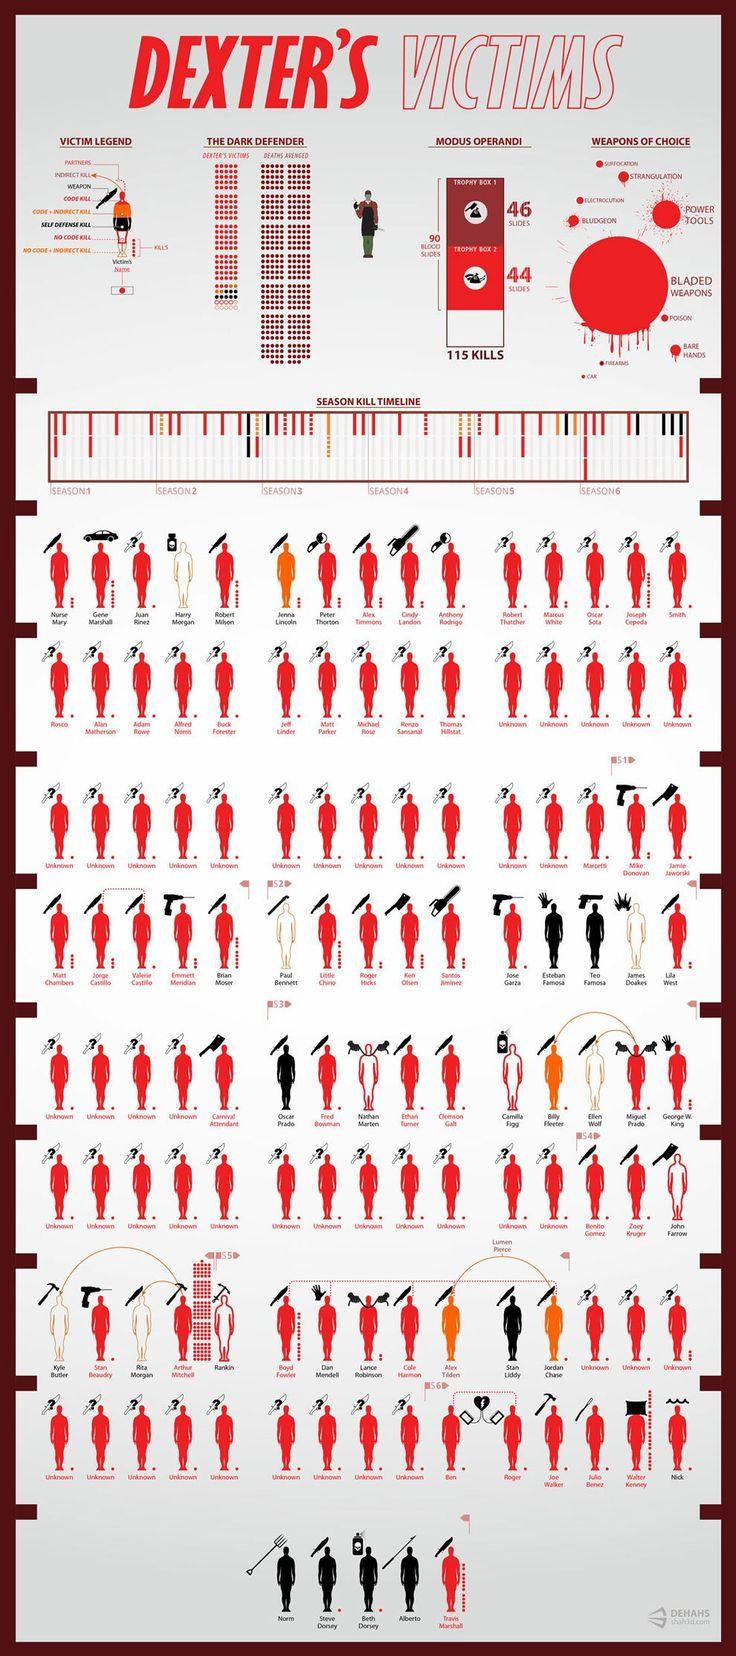 Les victimes de Dexter Morgan – statistiques et illustrations